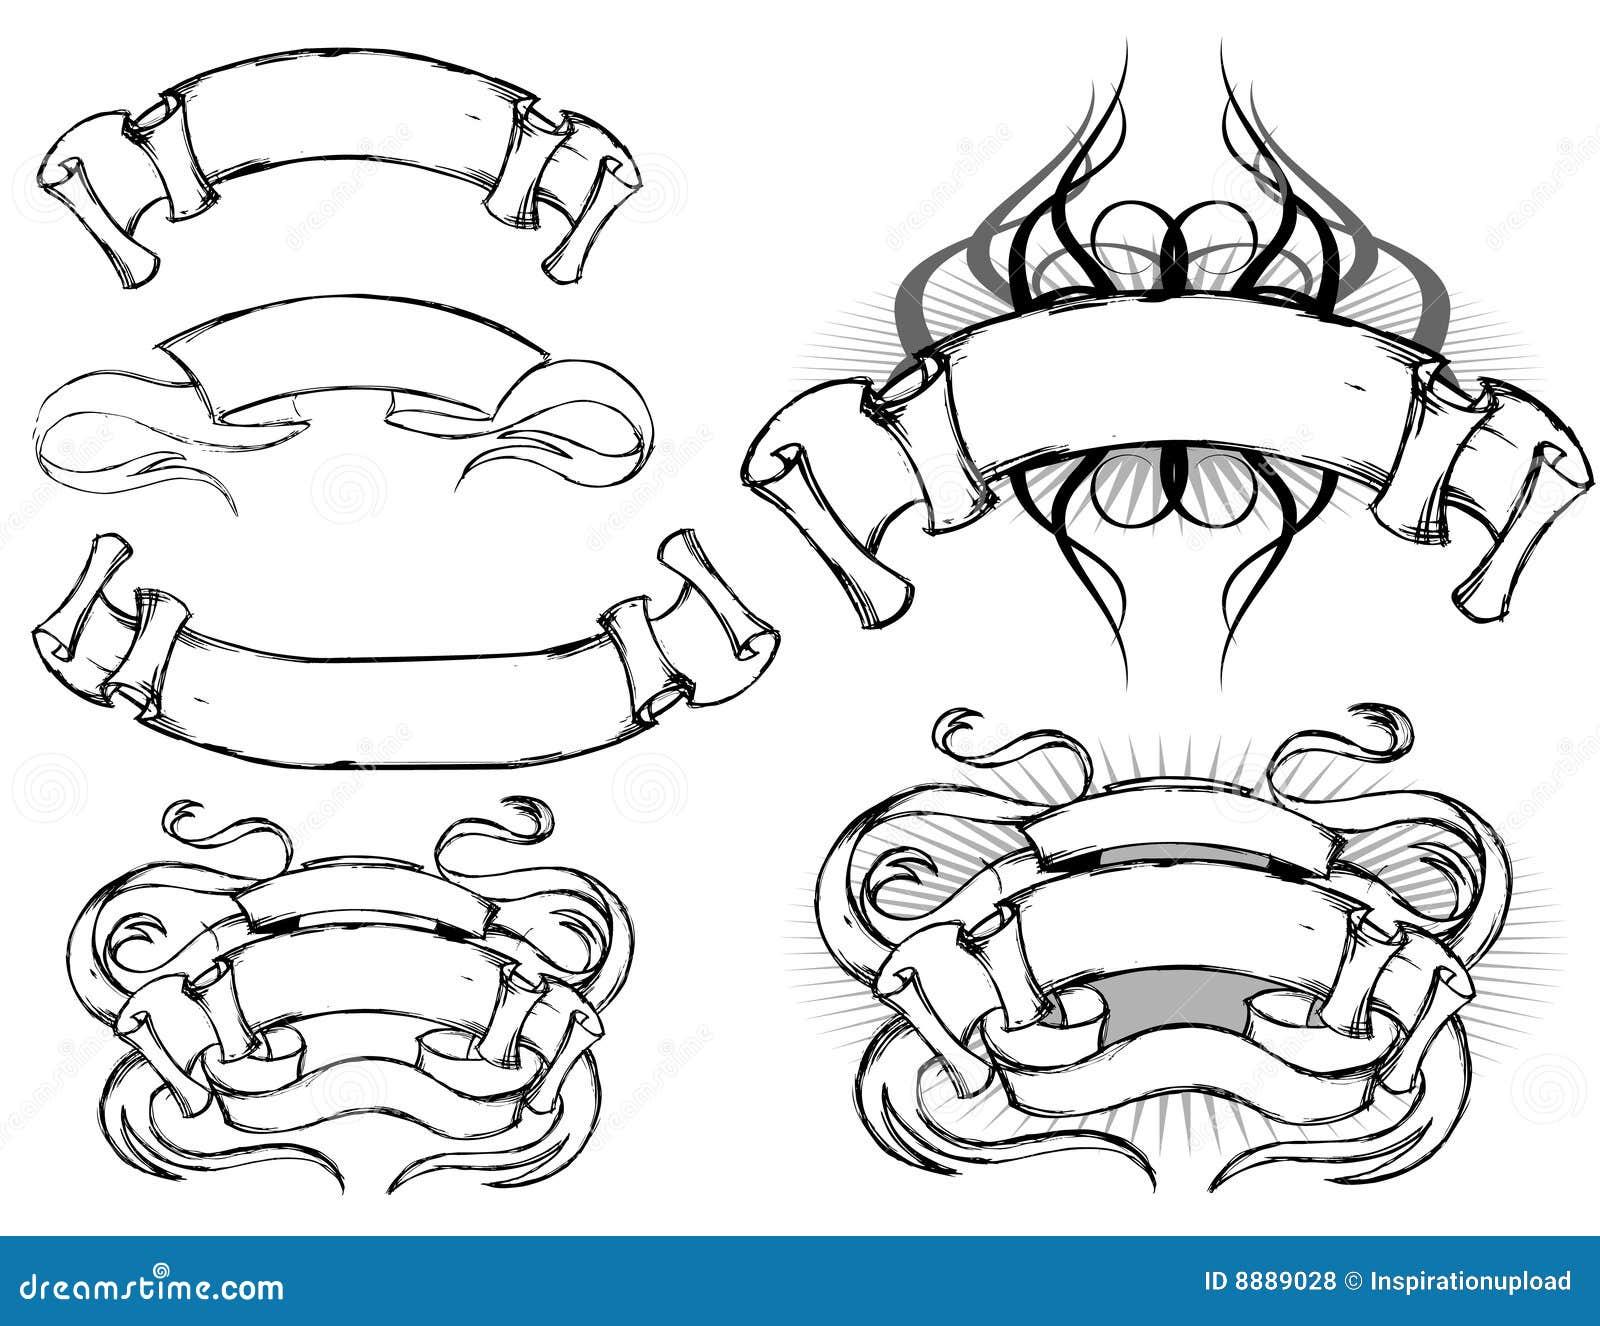 scroll design set stock vector illustration of banners 8889028. Black Bedroom Furniture Sets. Home Design Ideas